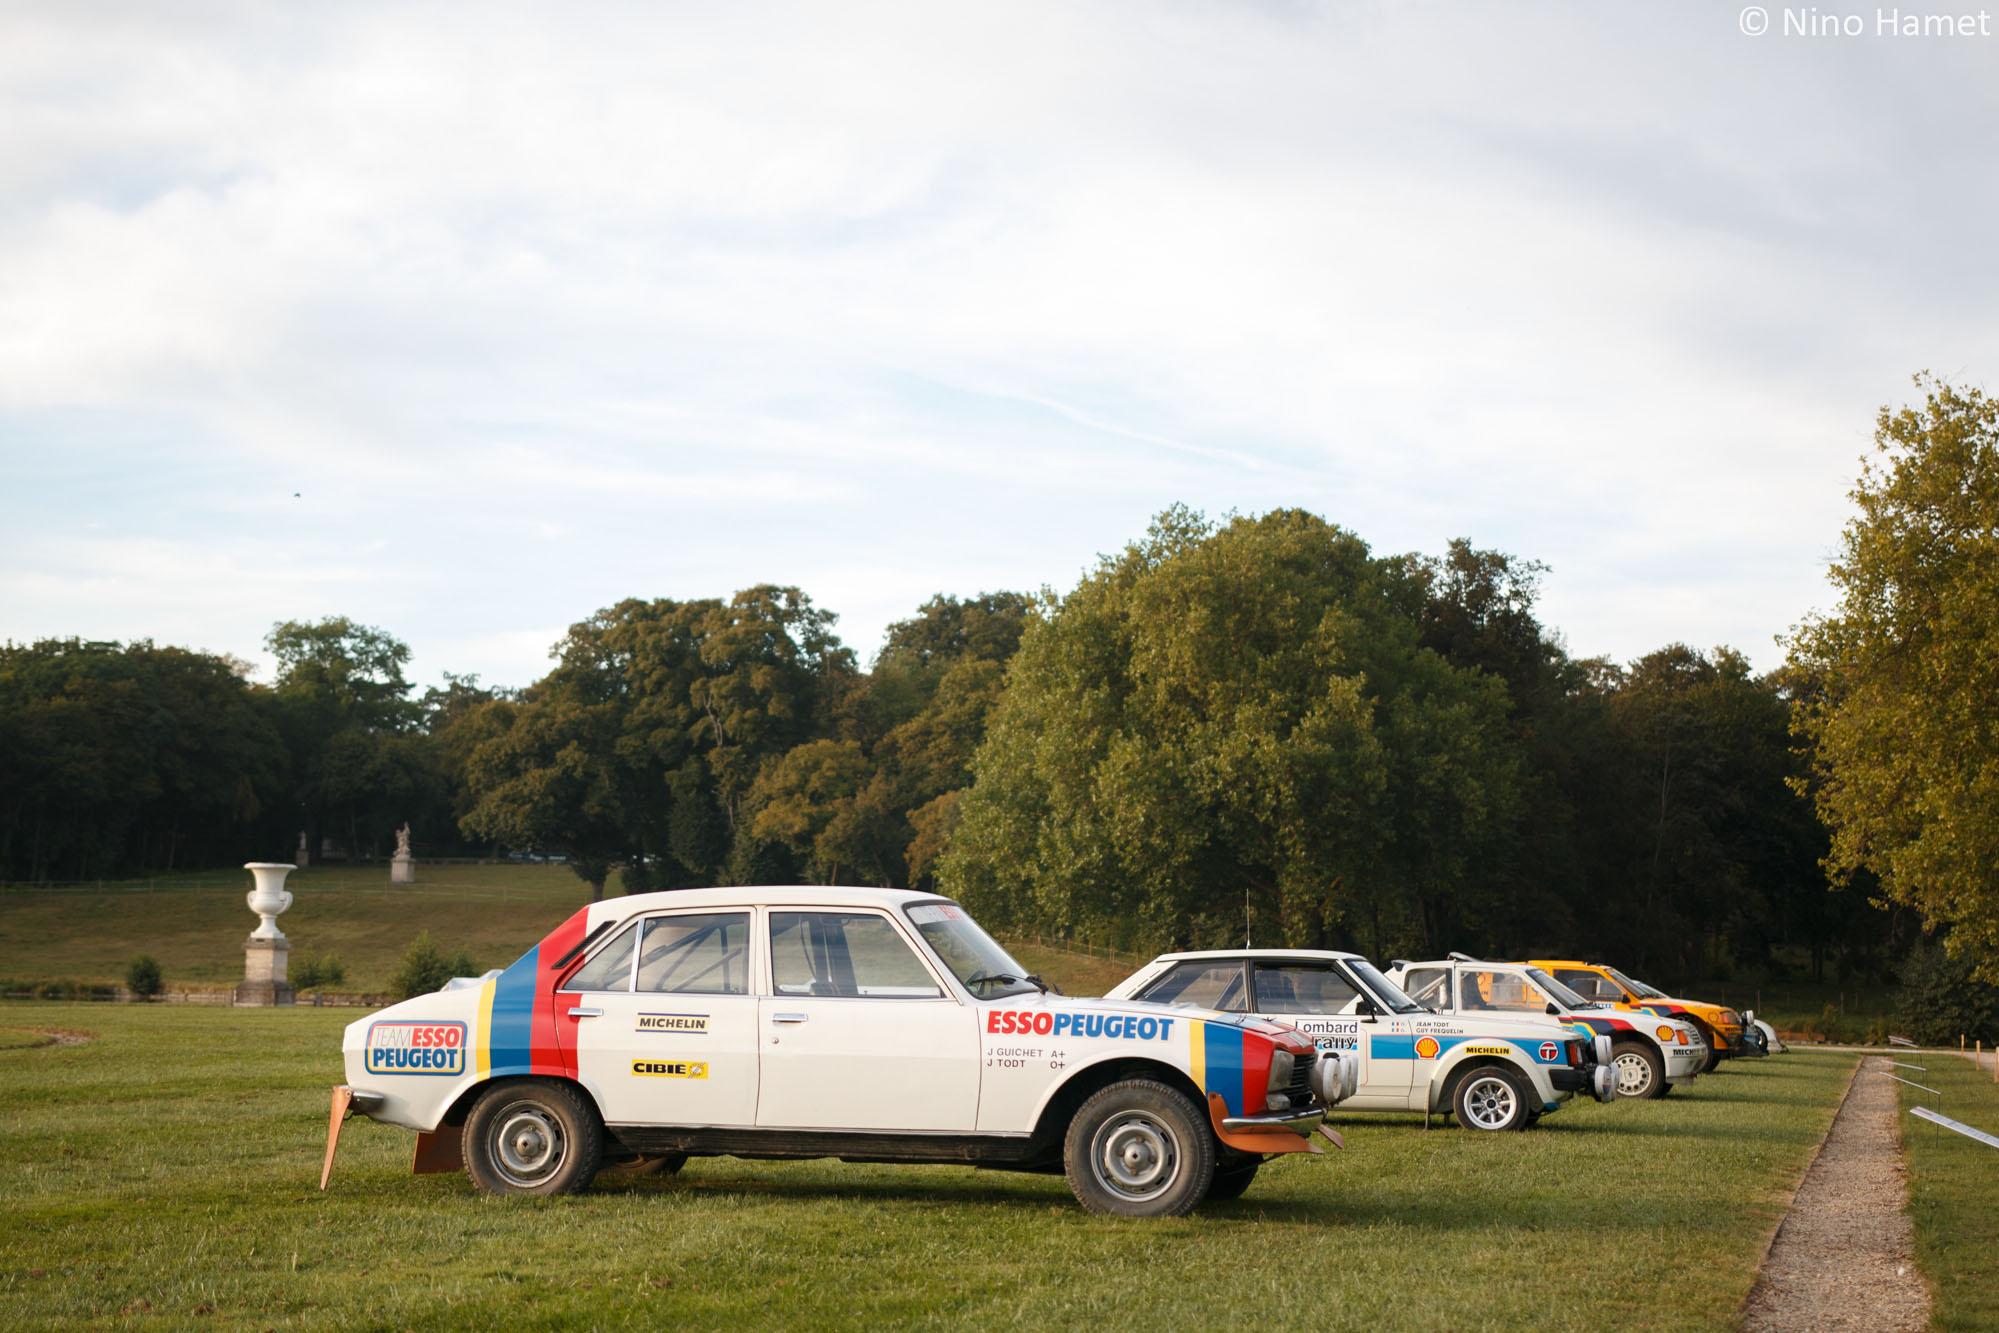 Spécial Hommage : Jean Todt – 50 années d'une carrière hors norme, premier prix : Peugeot 504 Rallye Groupe 4 1979 (M. Jean Guichet)